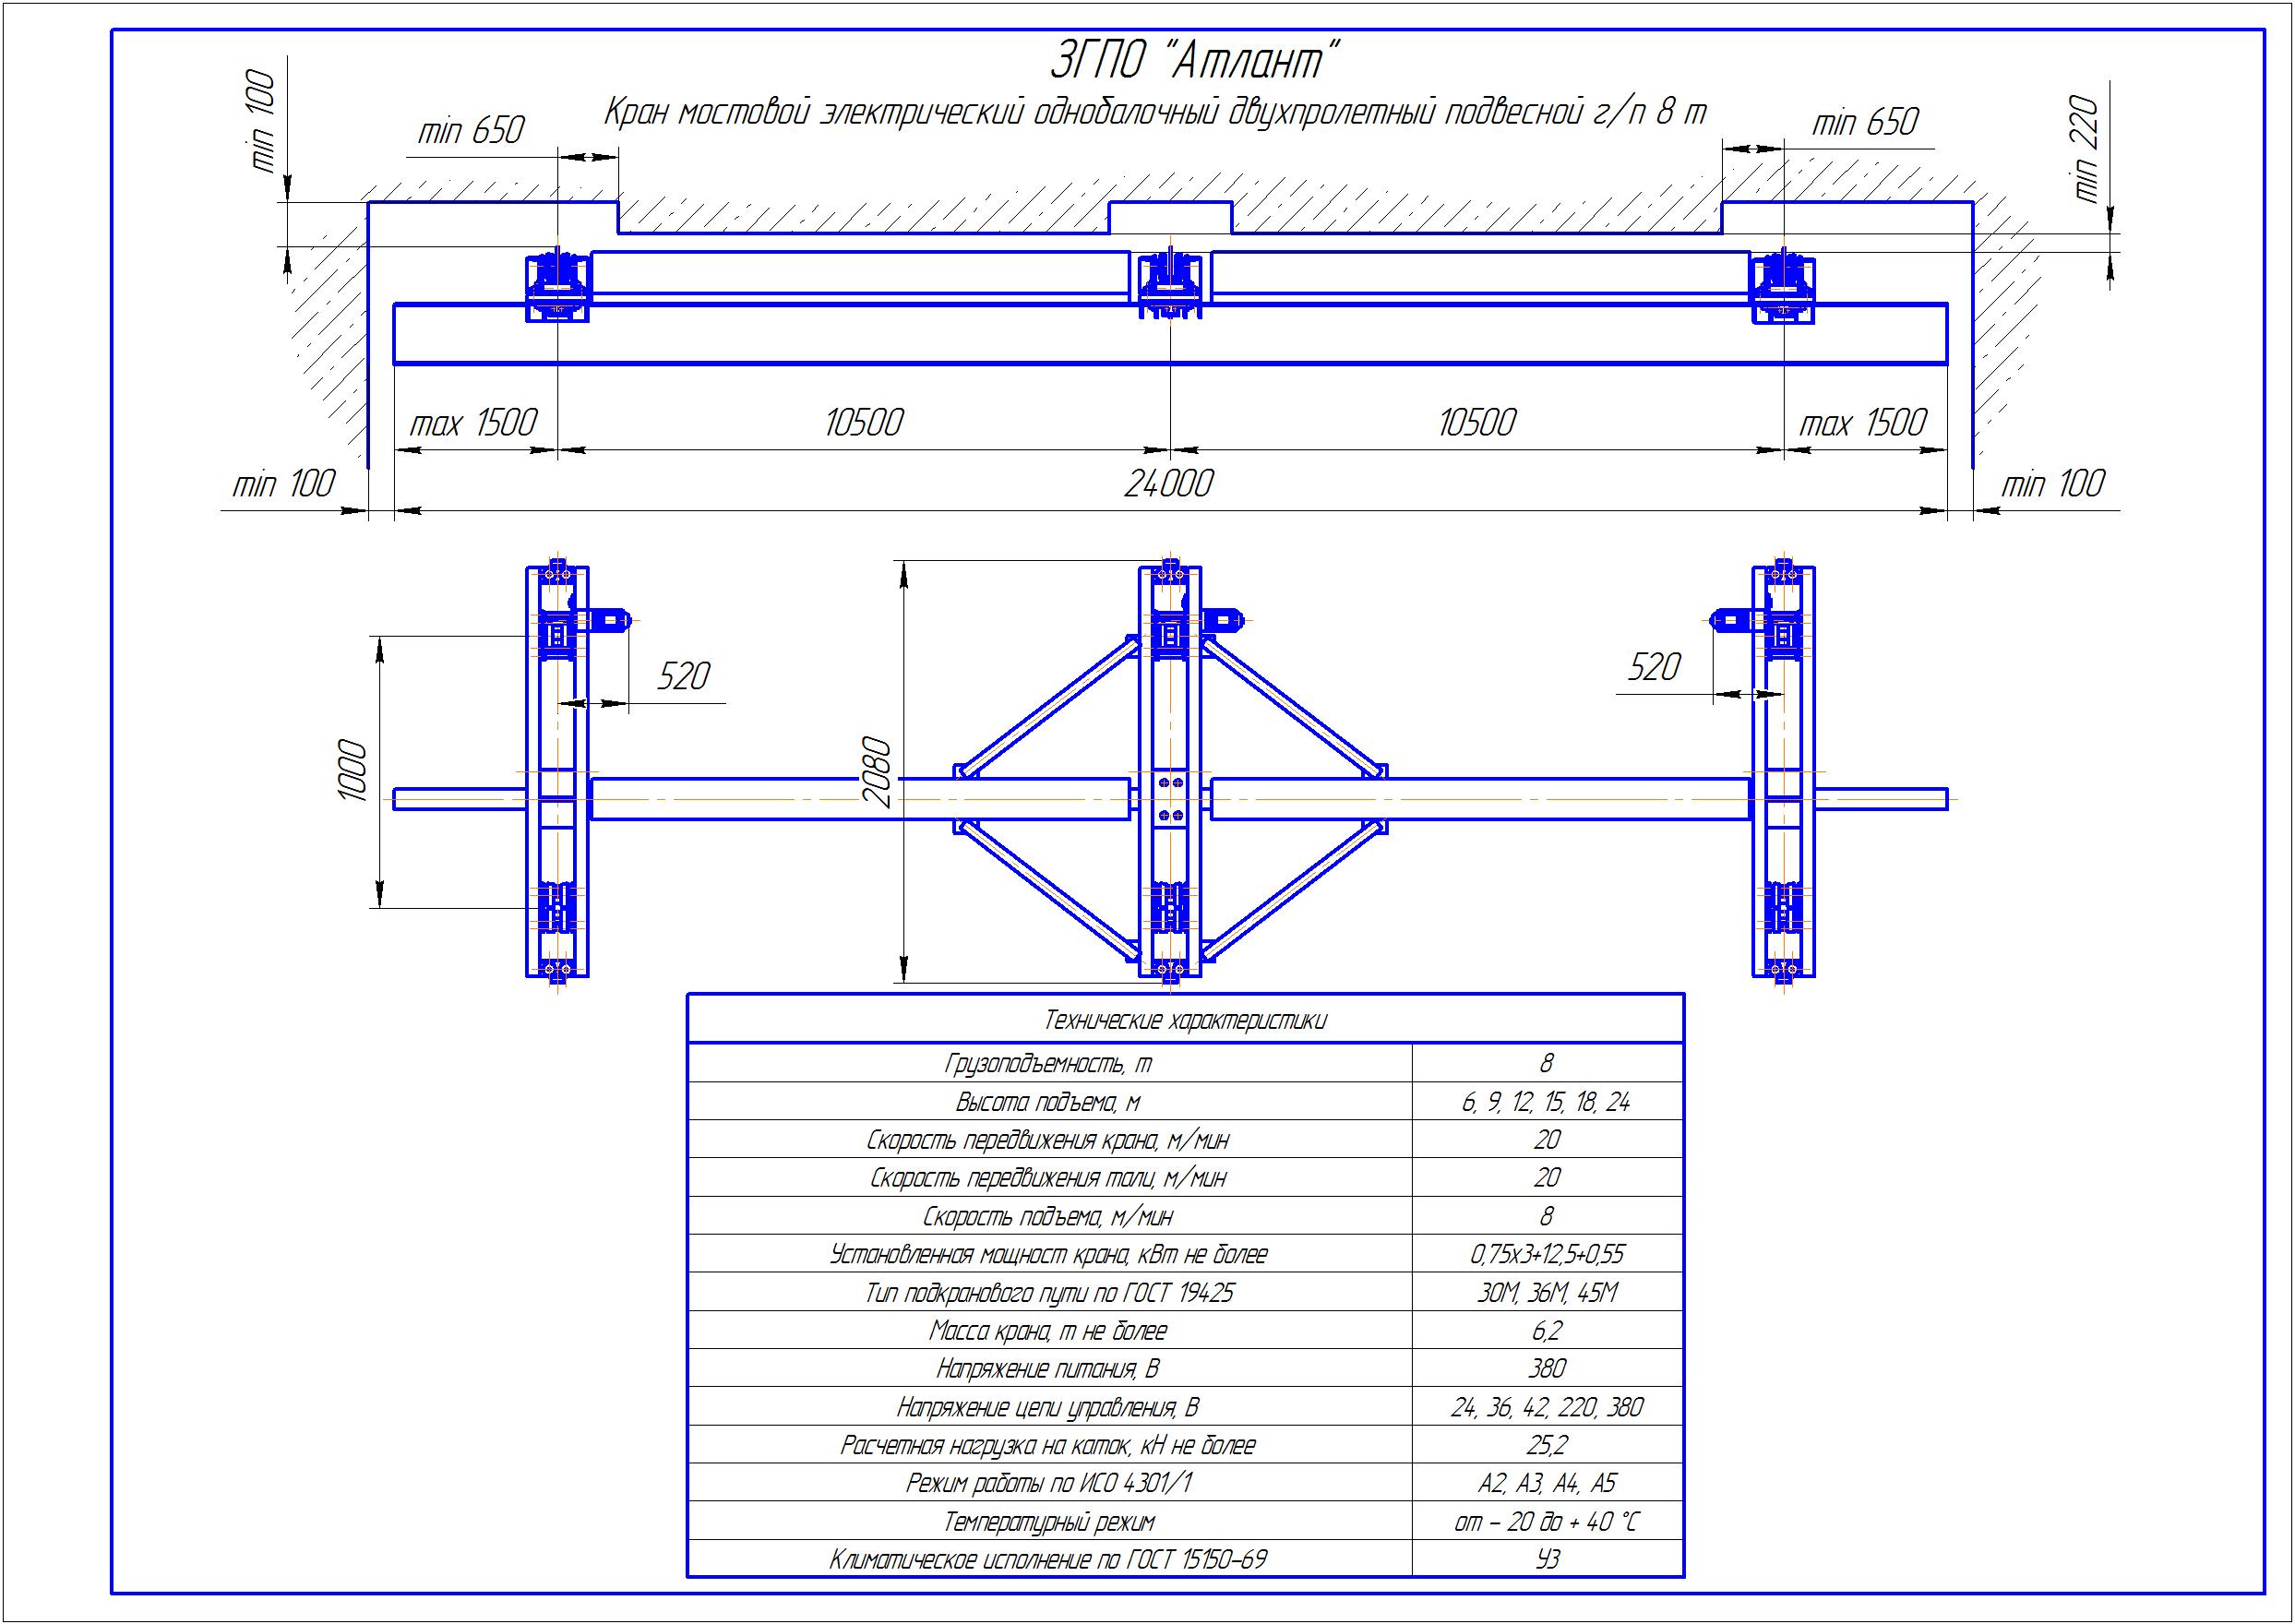 KBPD 6 3 - Подвесная кран балка двухпролетная